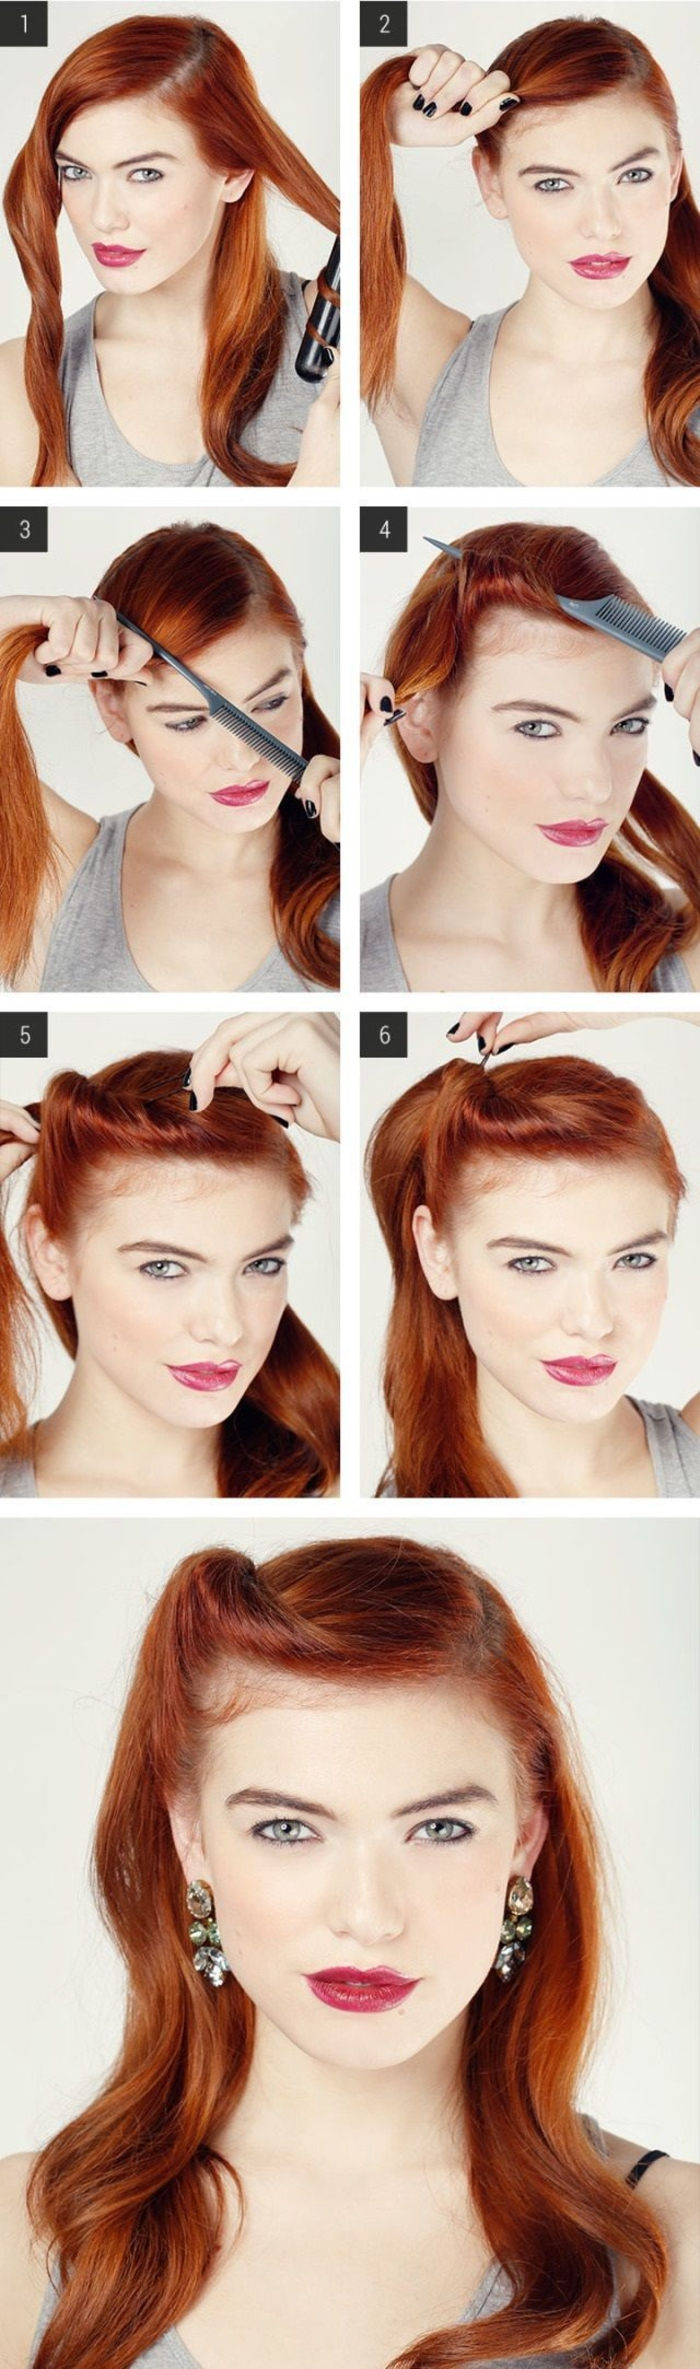 twist moderne de la coiffure pin up avec un simple coque réalisé de côté qui sublime les cheveux roux